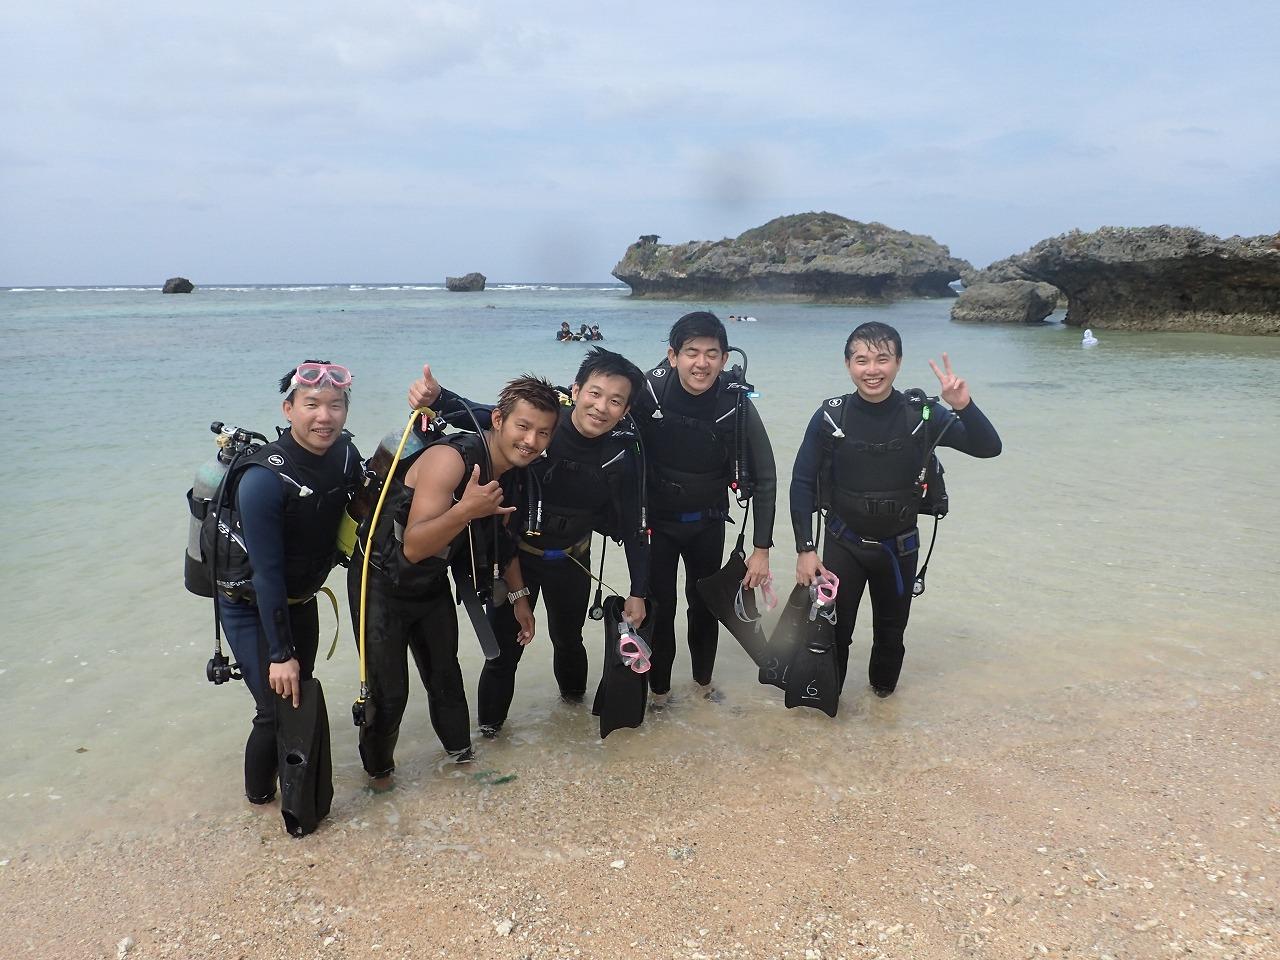 2014.10.27.4位熱帶魚體驗潛水